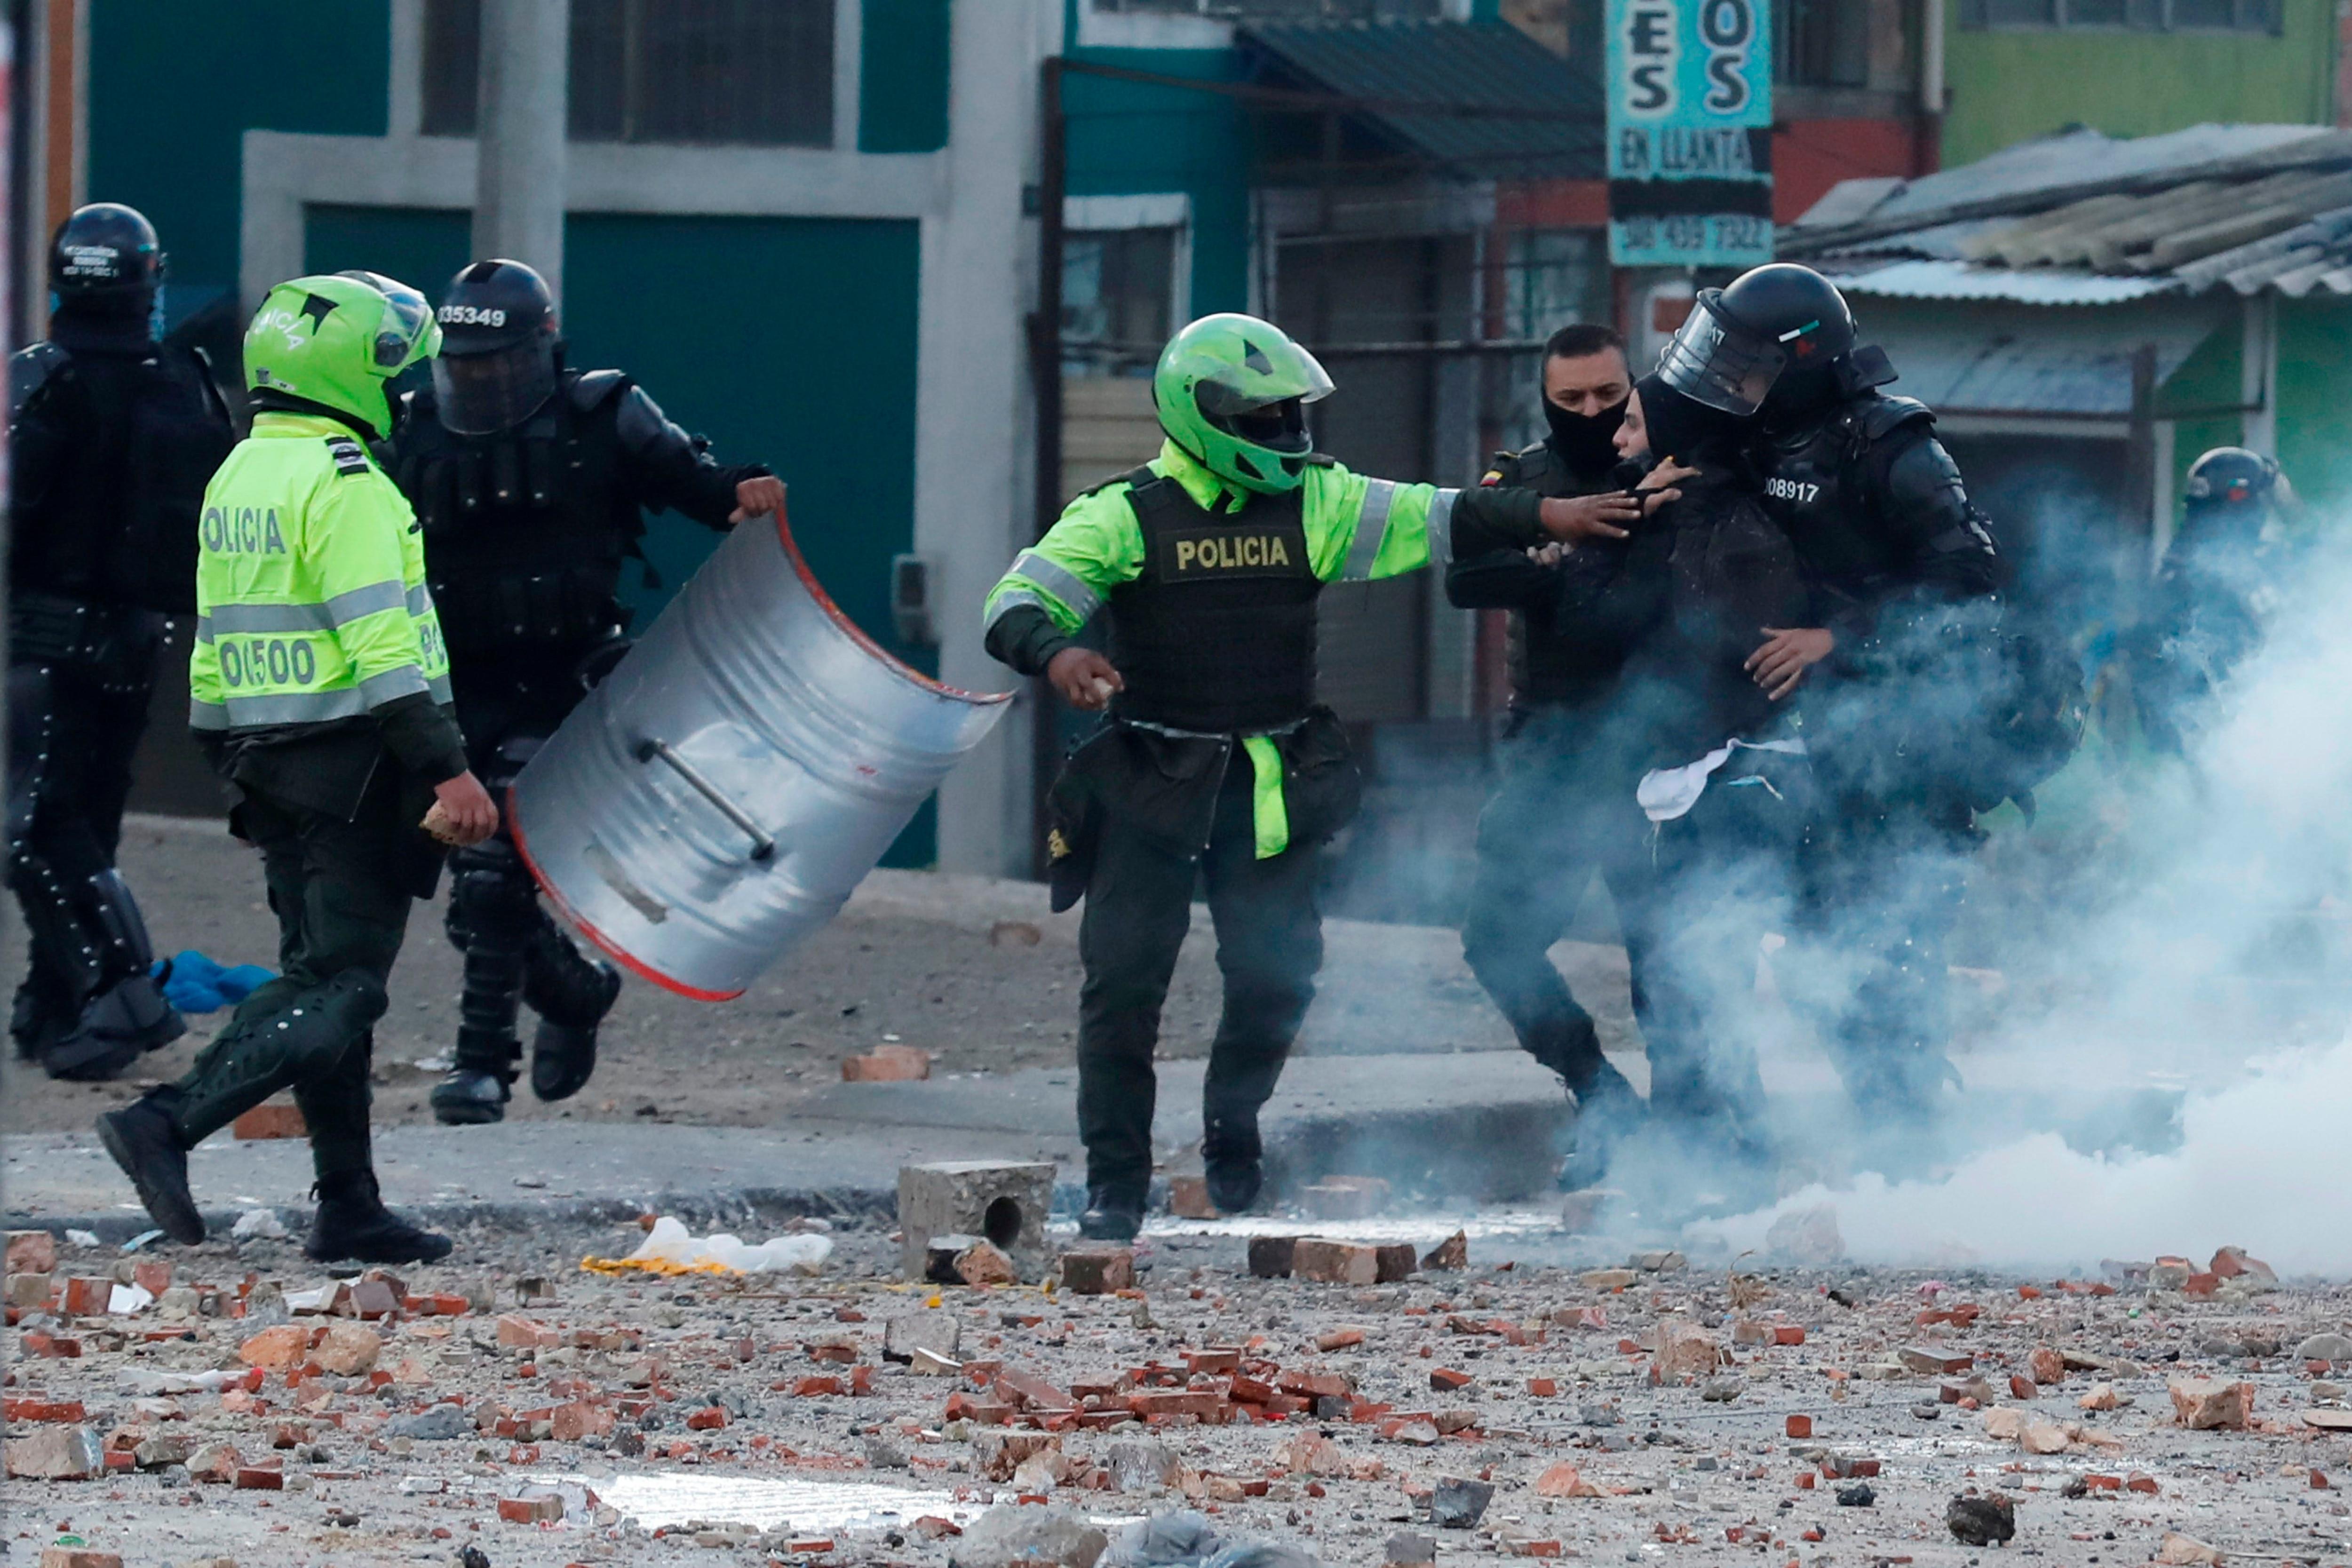 Miembros de la Policía retienen por la fuerza a un hombre en medio de los enfrentamientos entre manifestantes e integrantes del Escuadrón Móvil Antidisturbios (ESMAD), durante una jornada de protestas en el marco del Paro Nacional en Bogotá (Colombia). EFE/Mauricio Dueñas Castañeda/Archivo